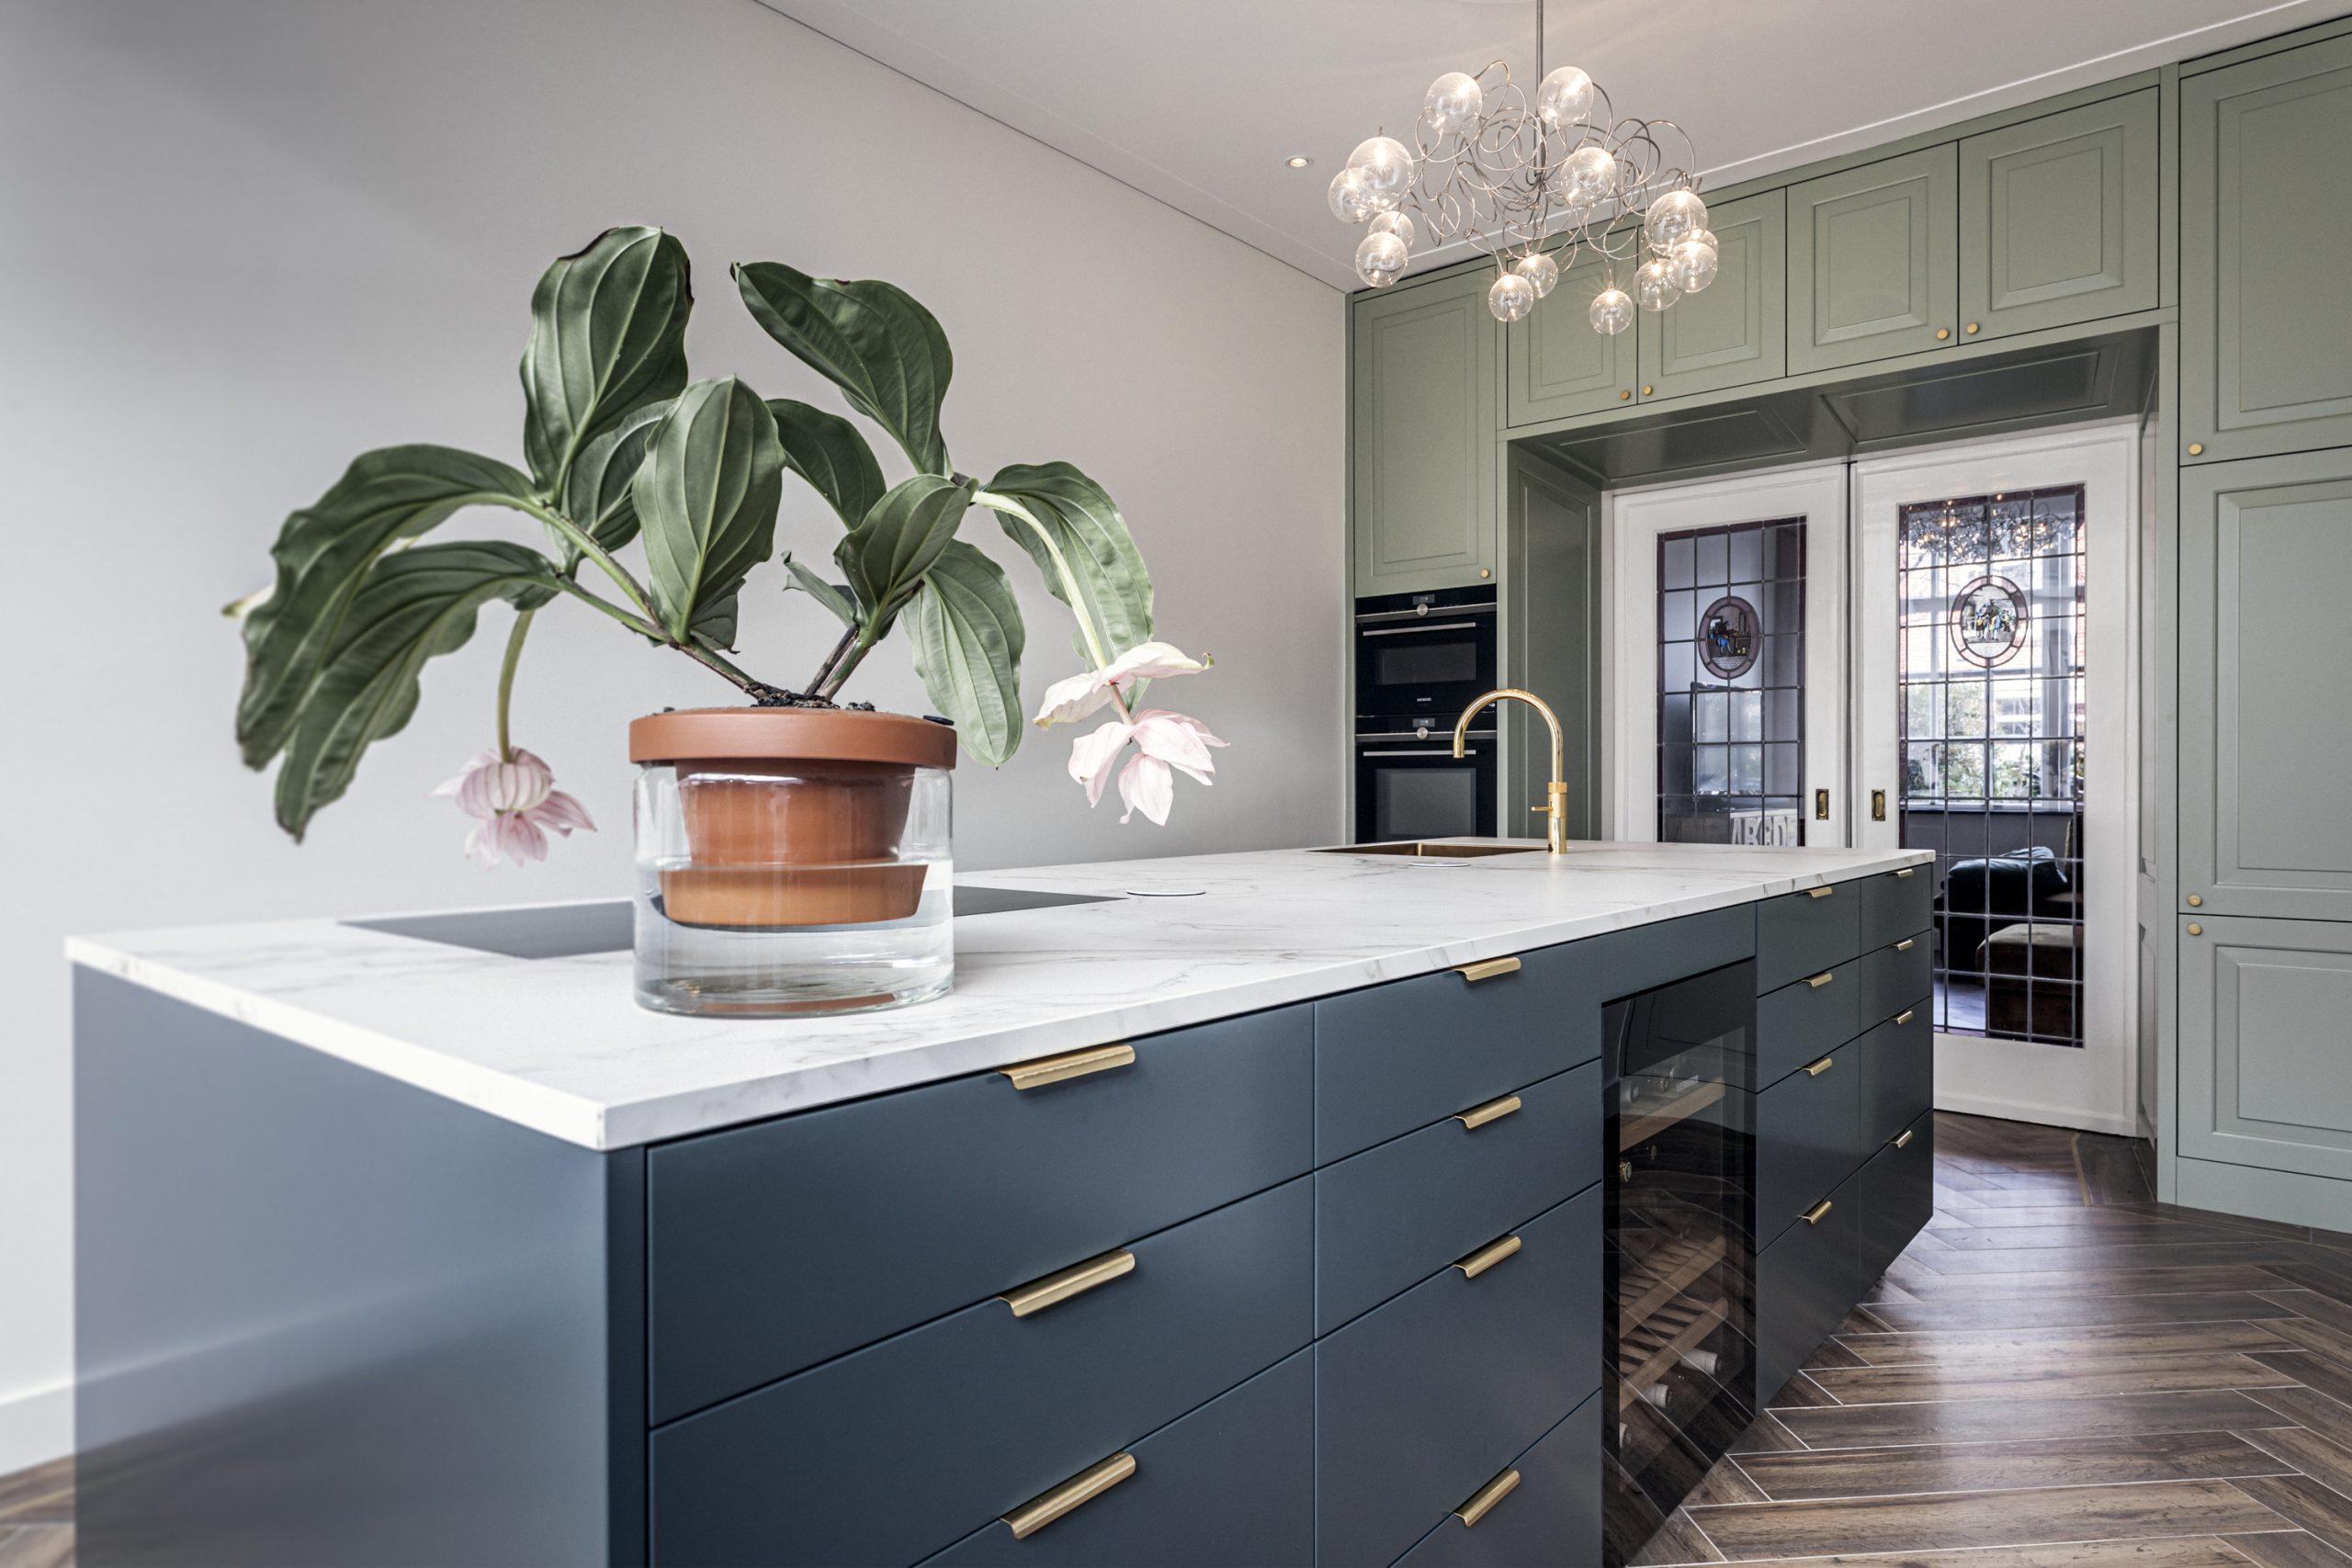 Strak moderne keuken met klassieke details